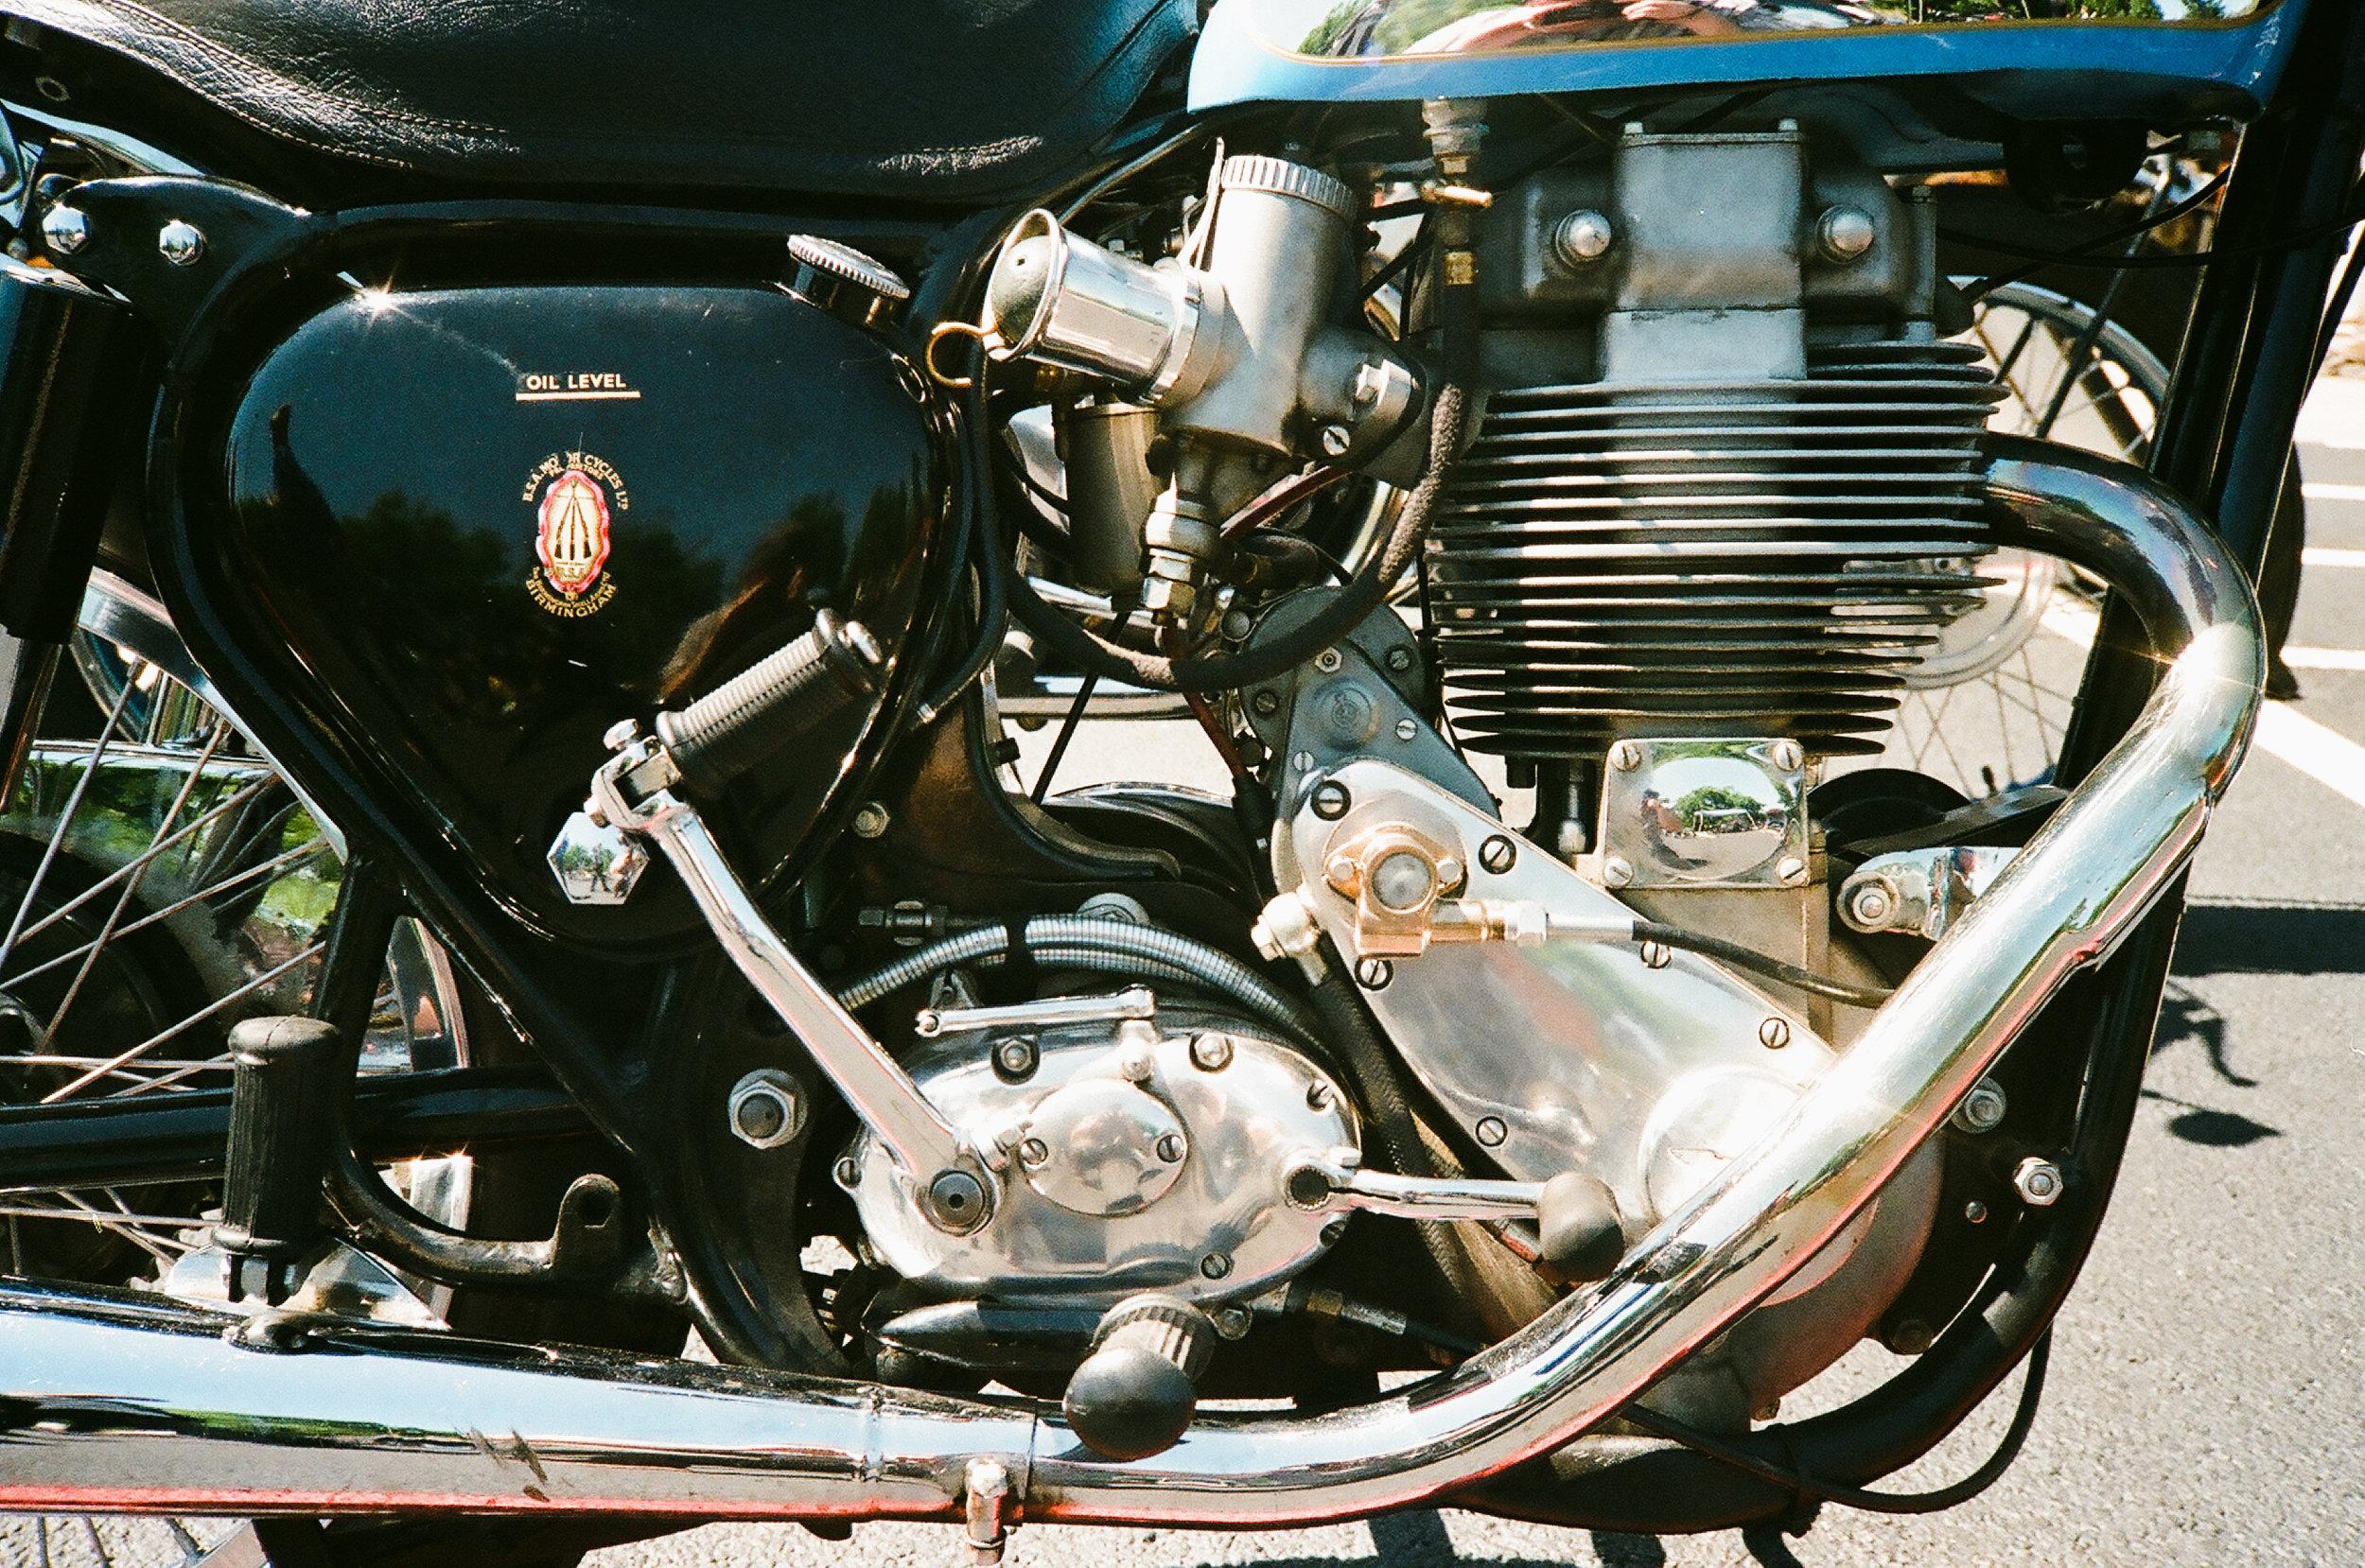 texas-motorcycle-revival-2017-58500023.jpg